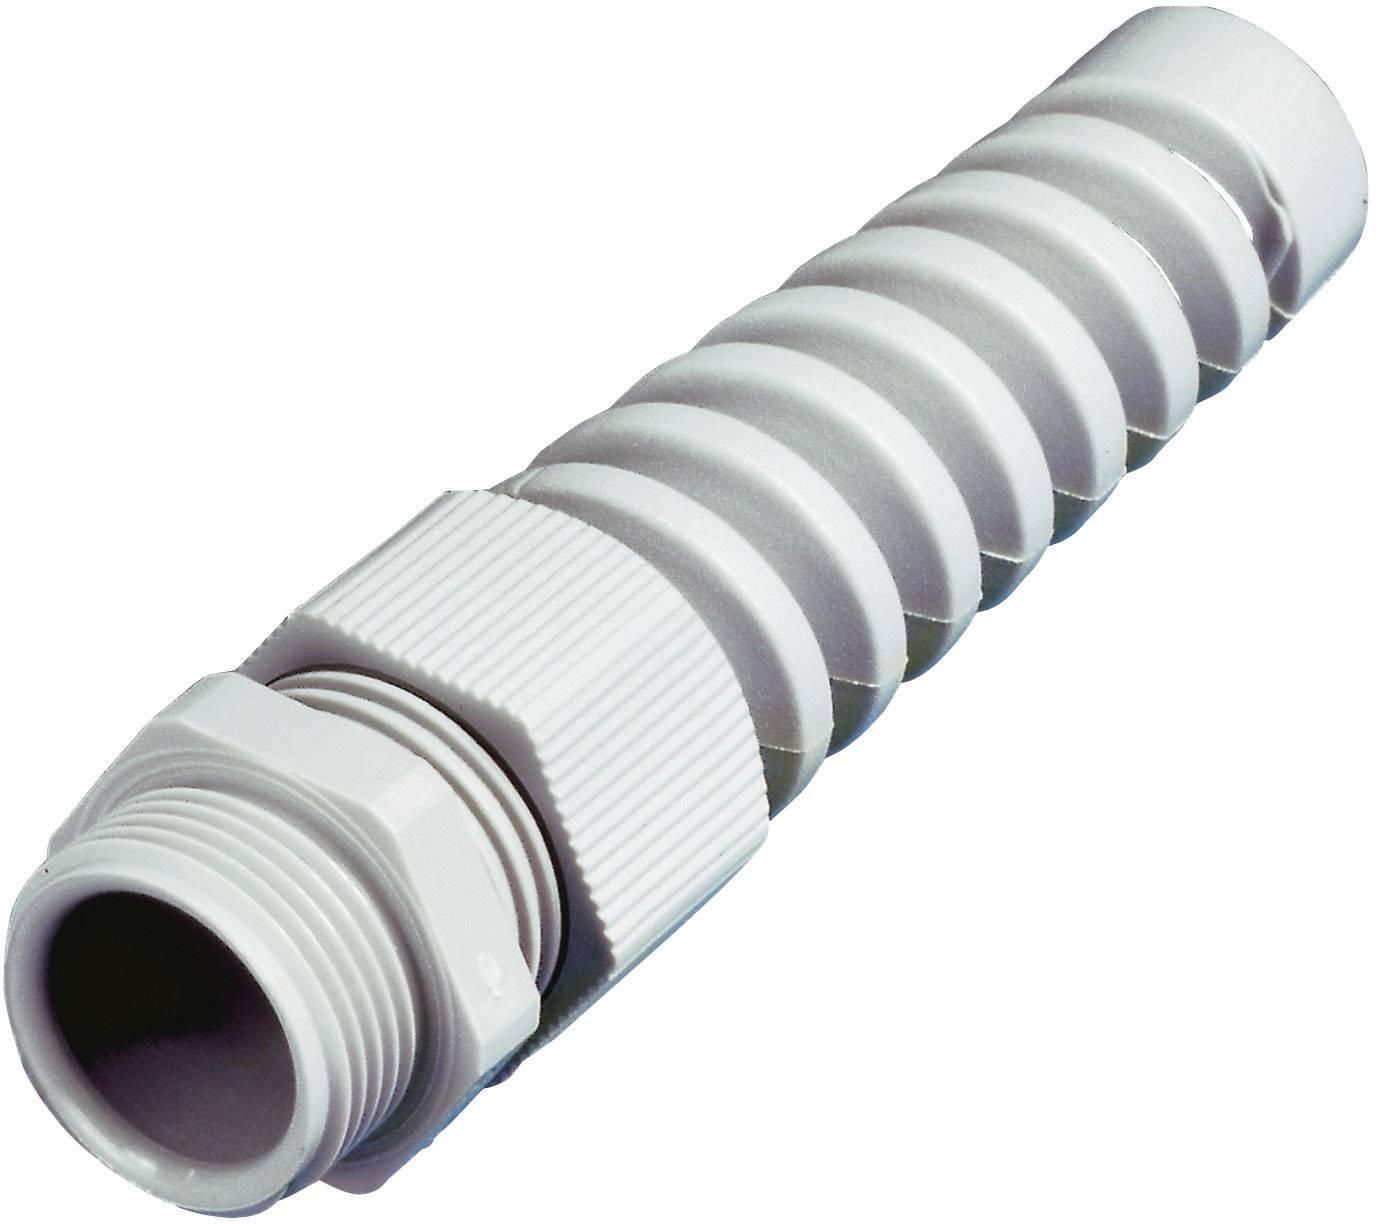 Káblová priechodka Wiska SKVS PG 7 RAL 9005;s odľahčením ťahu, s ochranou pred zlomením, polyamid, čierna, 1 ks